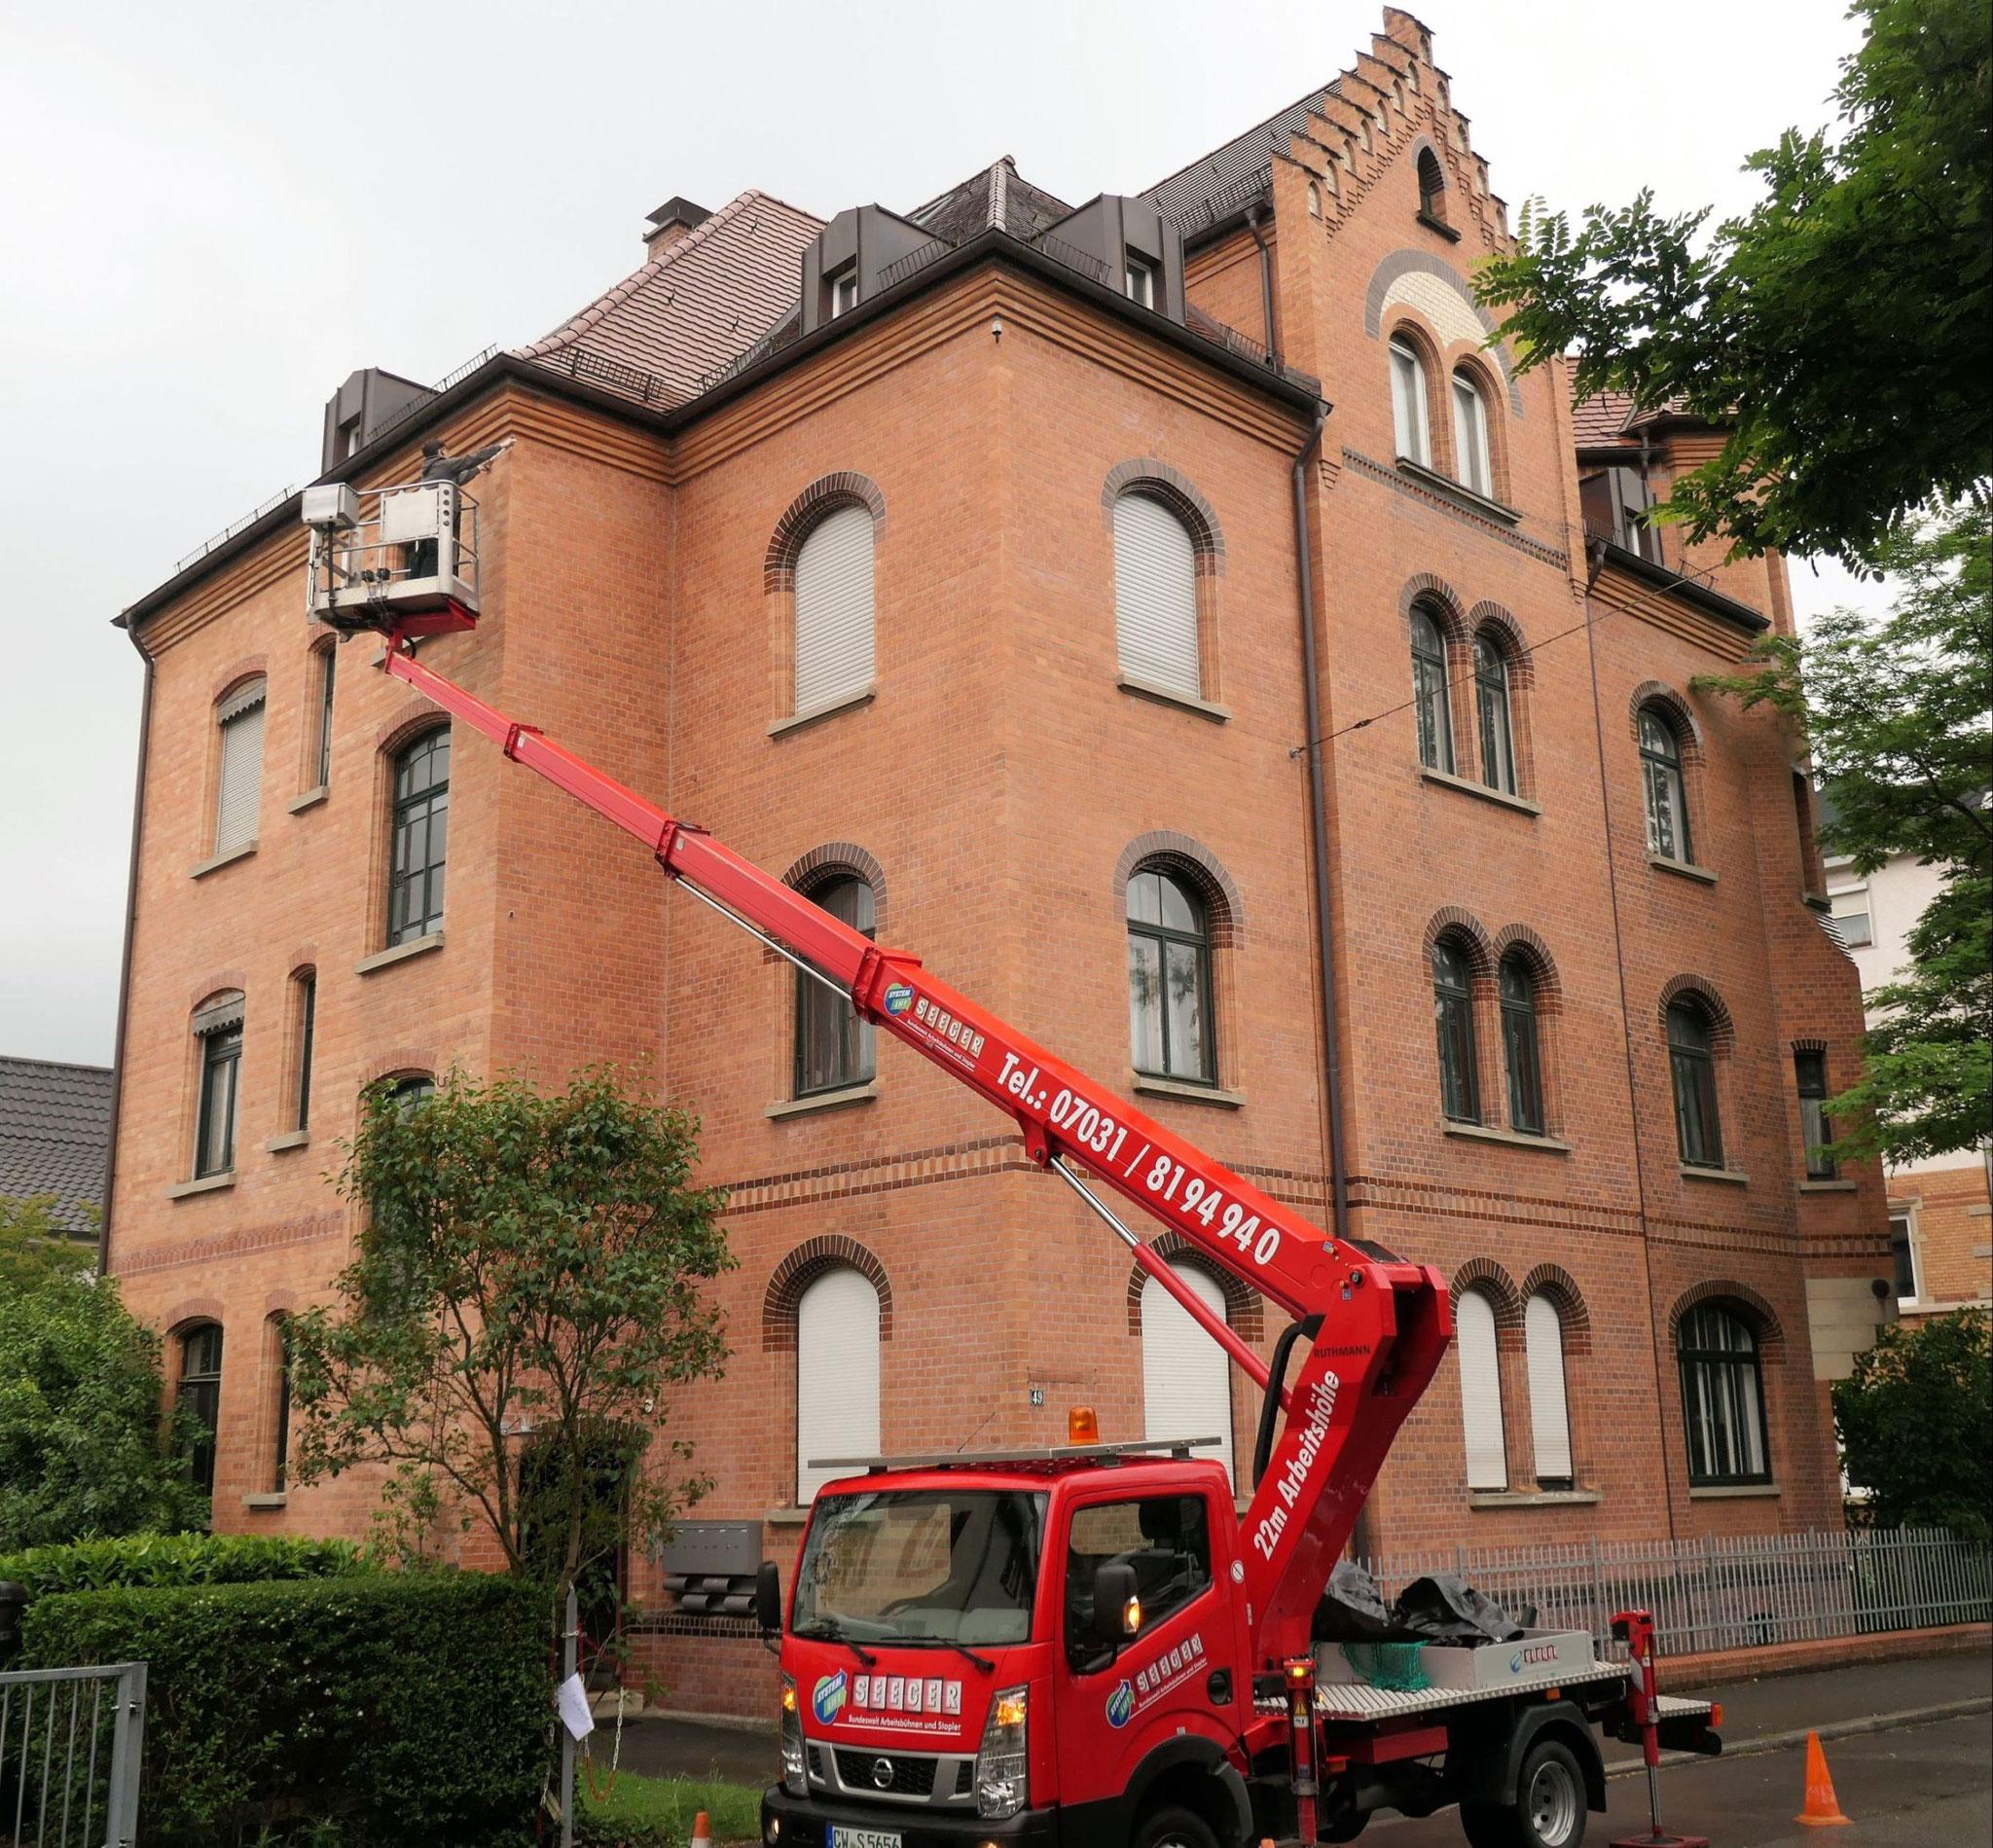 Nistkasten-Anbringung mittels Hubarbeitsbühne / NABU Tübingen